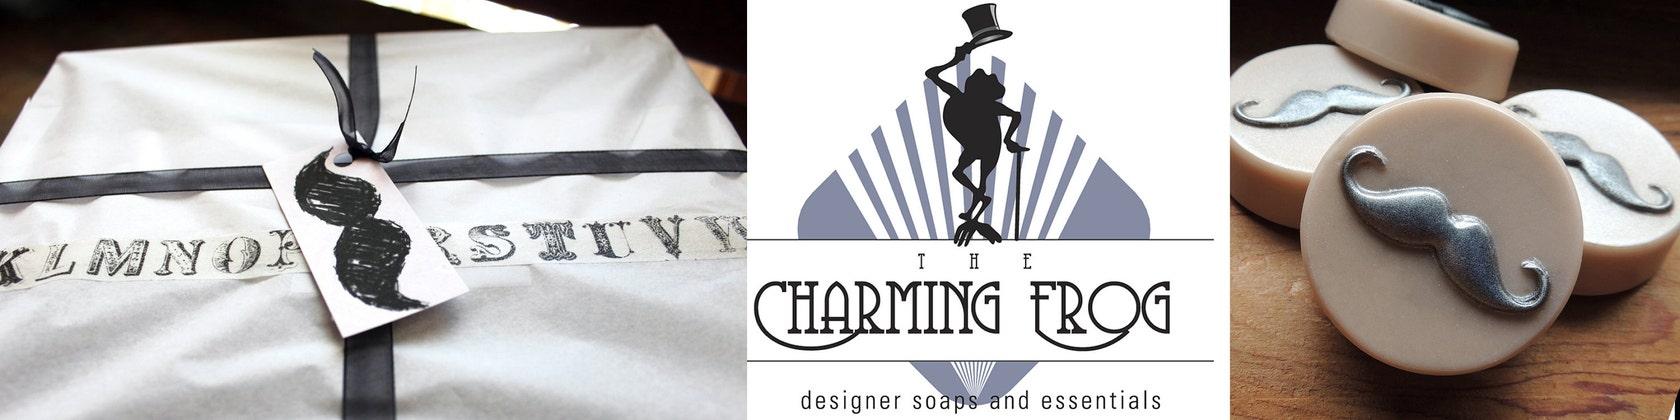 Handmade Designer Soaps & Essentials von thecharmingfrog auf Etsy